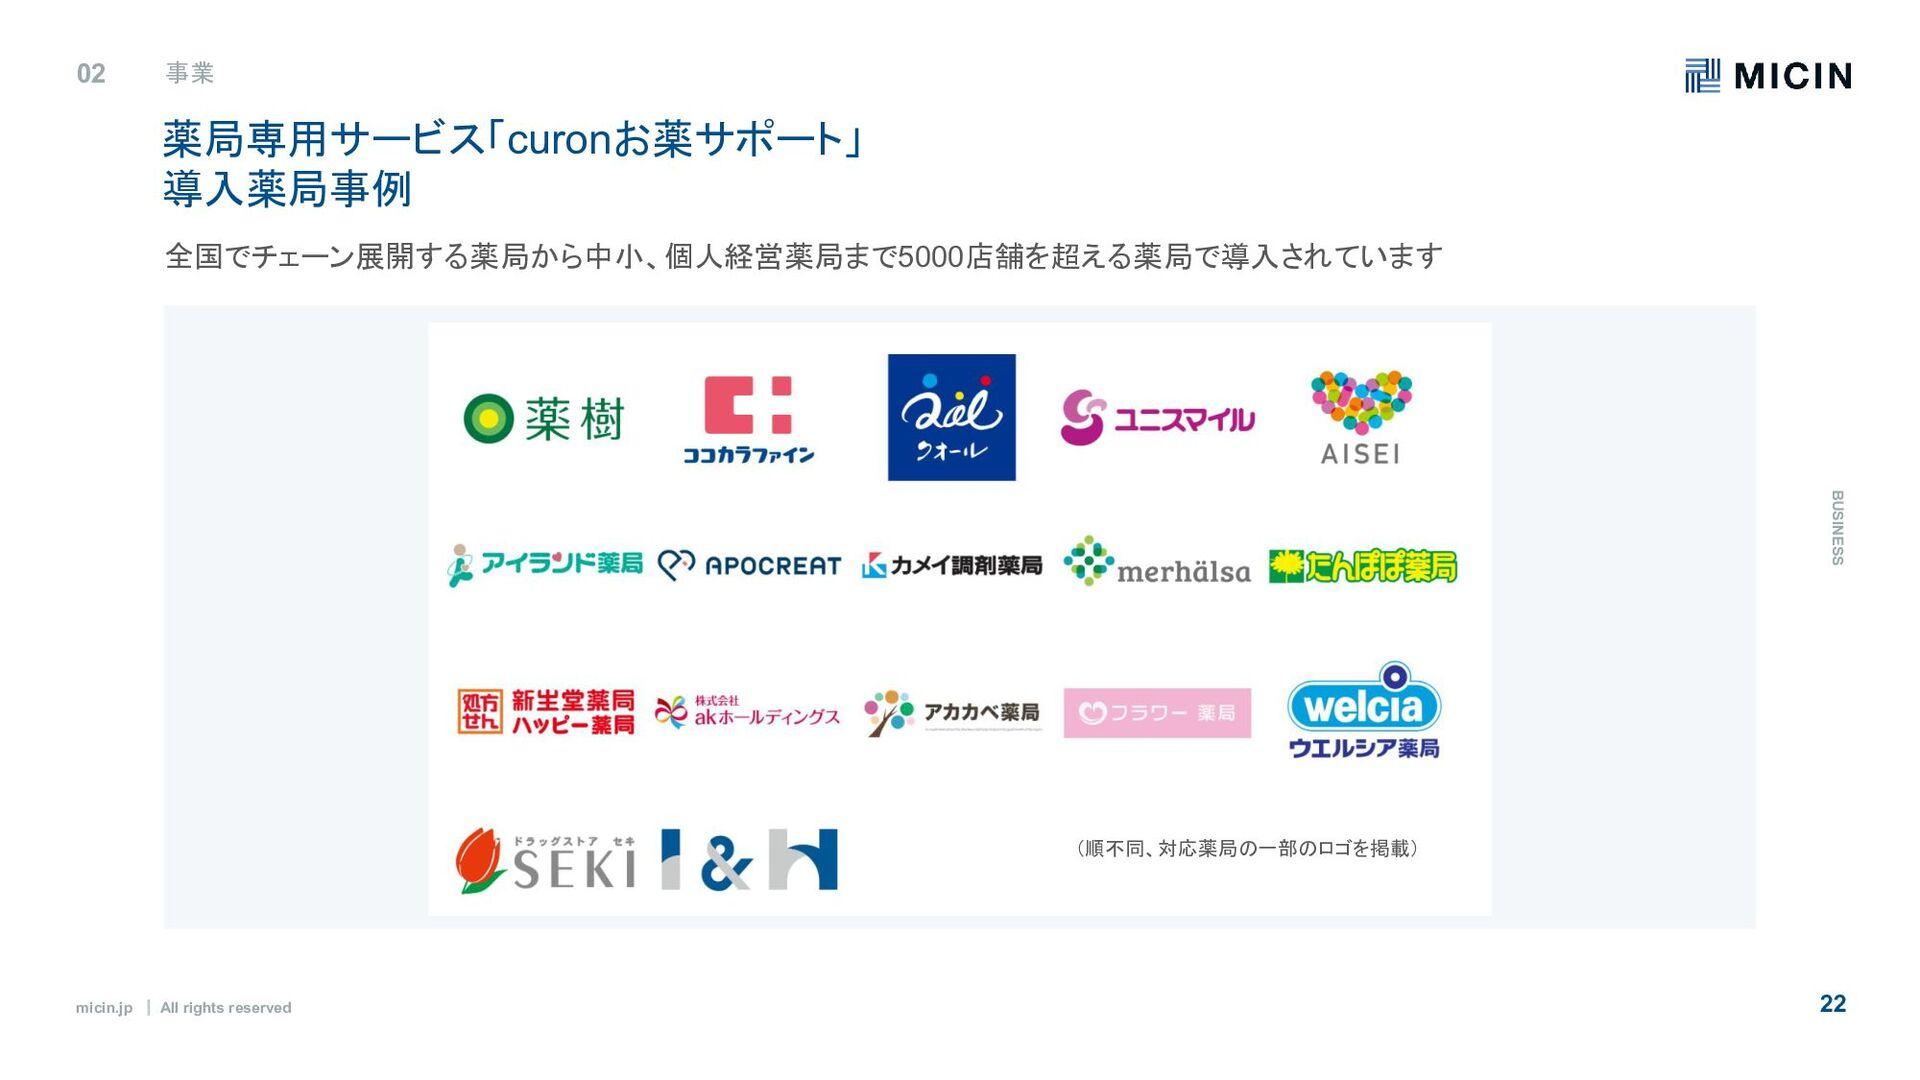 micin.jp ʛ All rights reserved 22 02 ۀ B U S I...